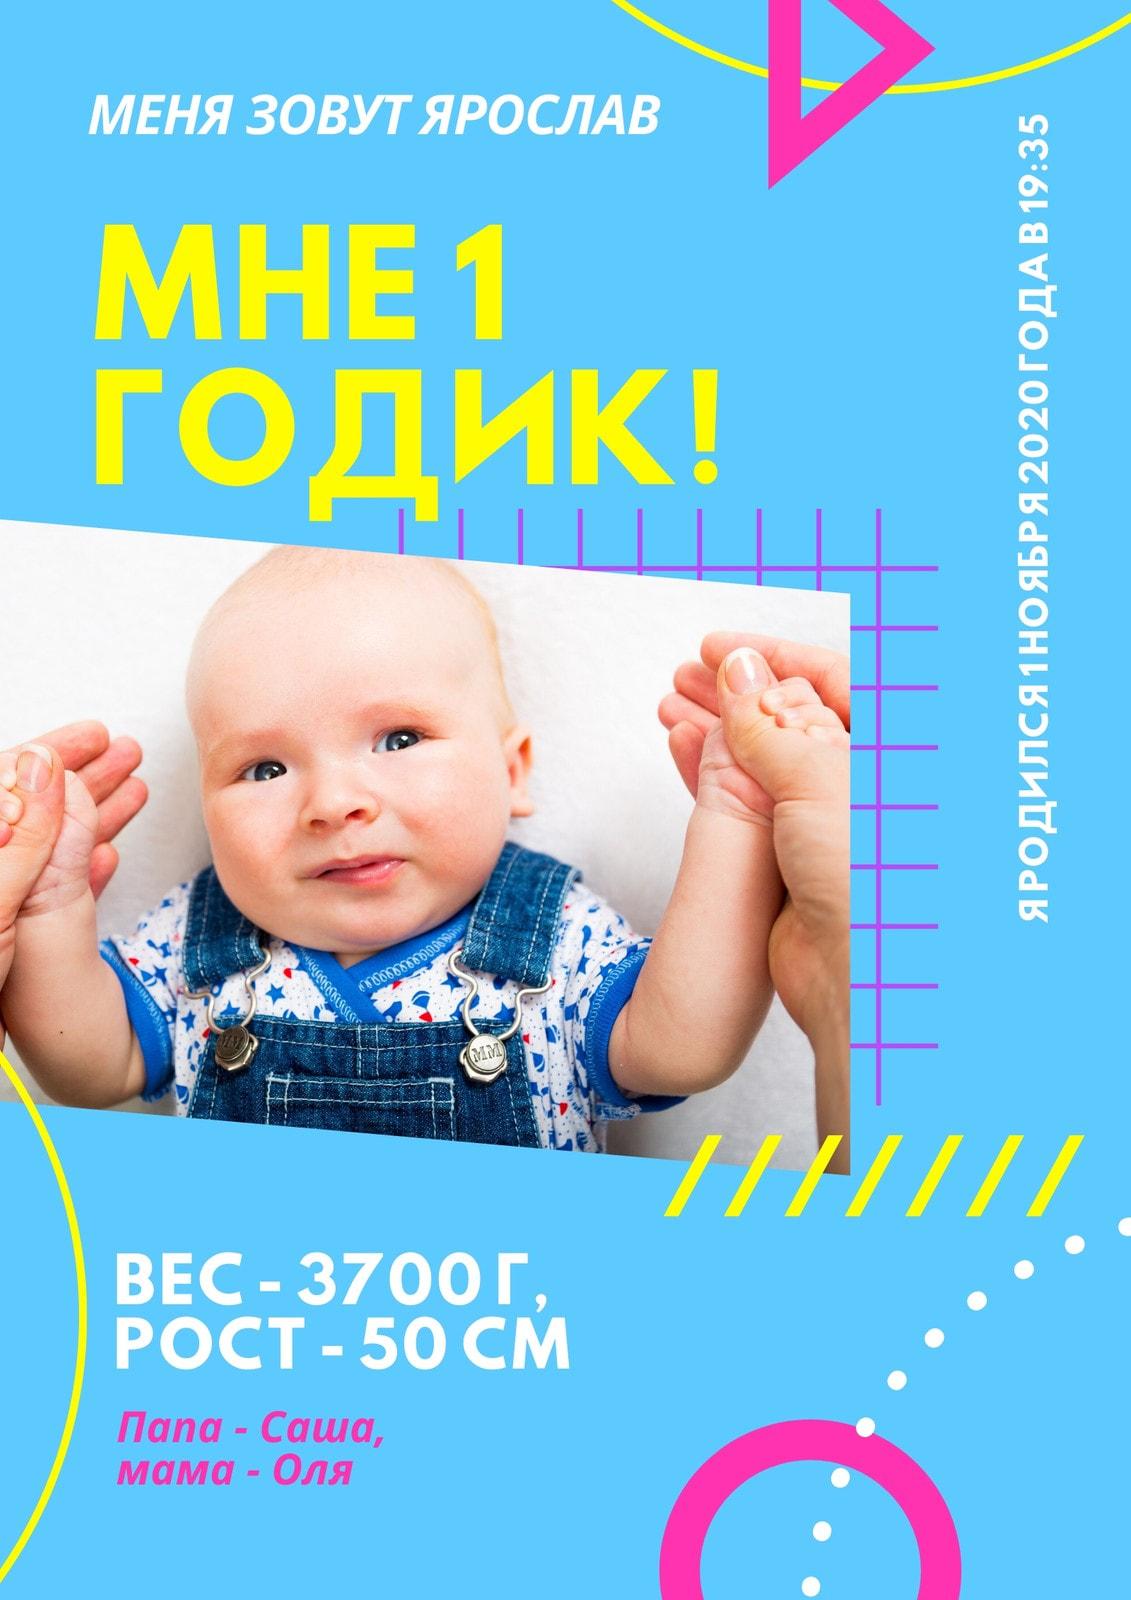 Голубая метрика ребенка с фотографией мальчика